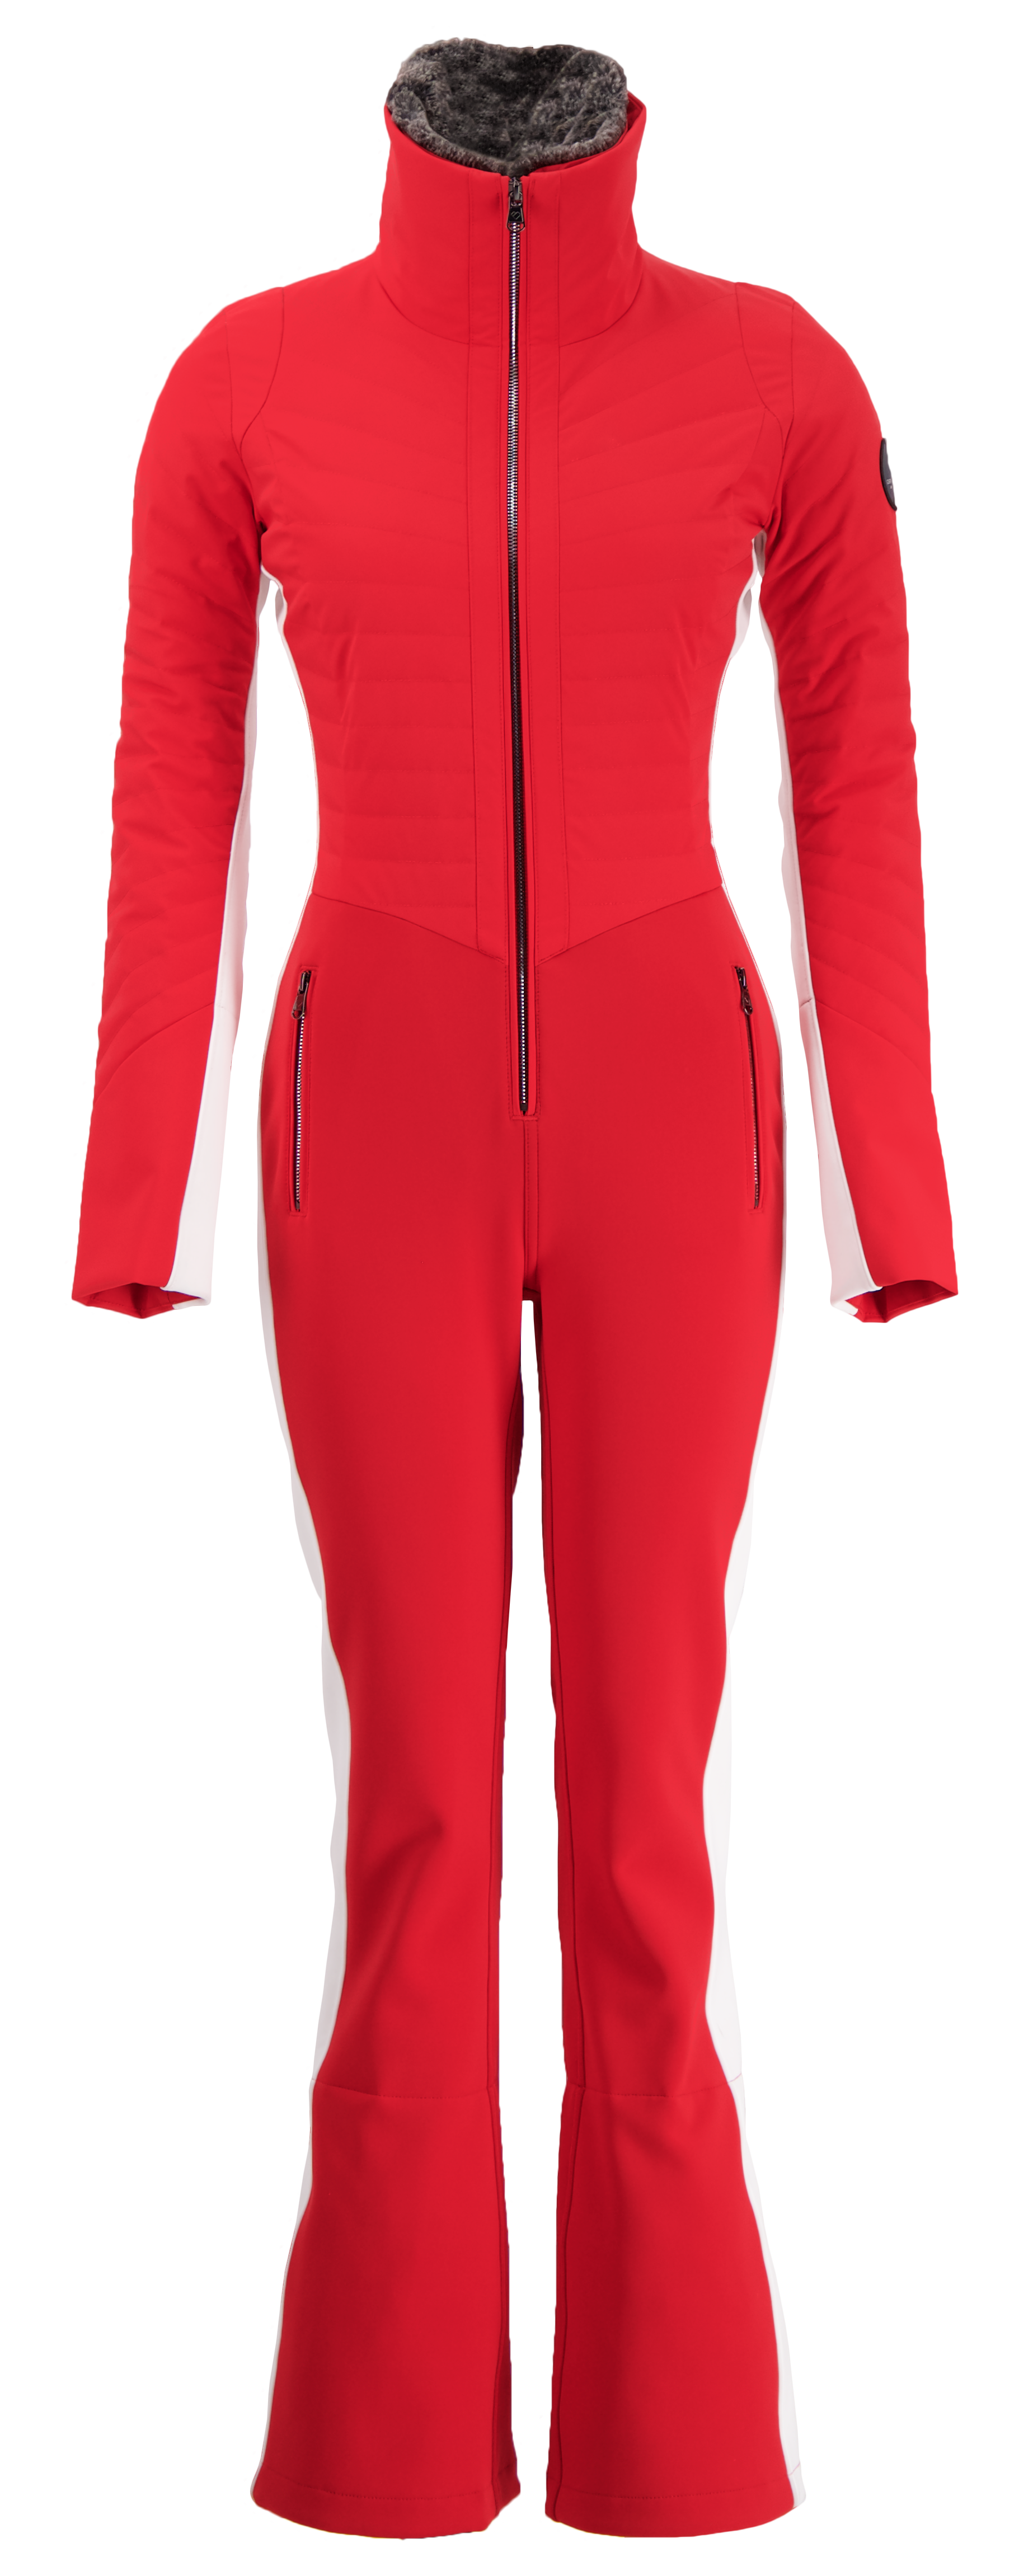 skn010902-tele skier